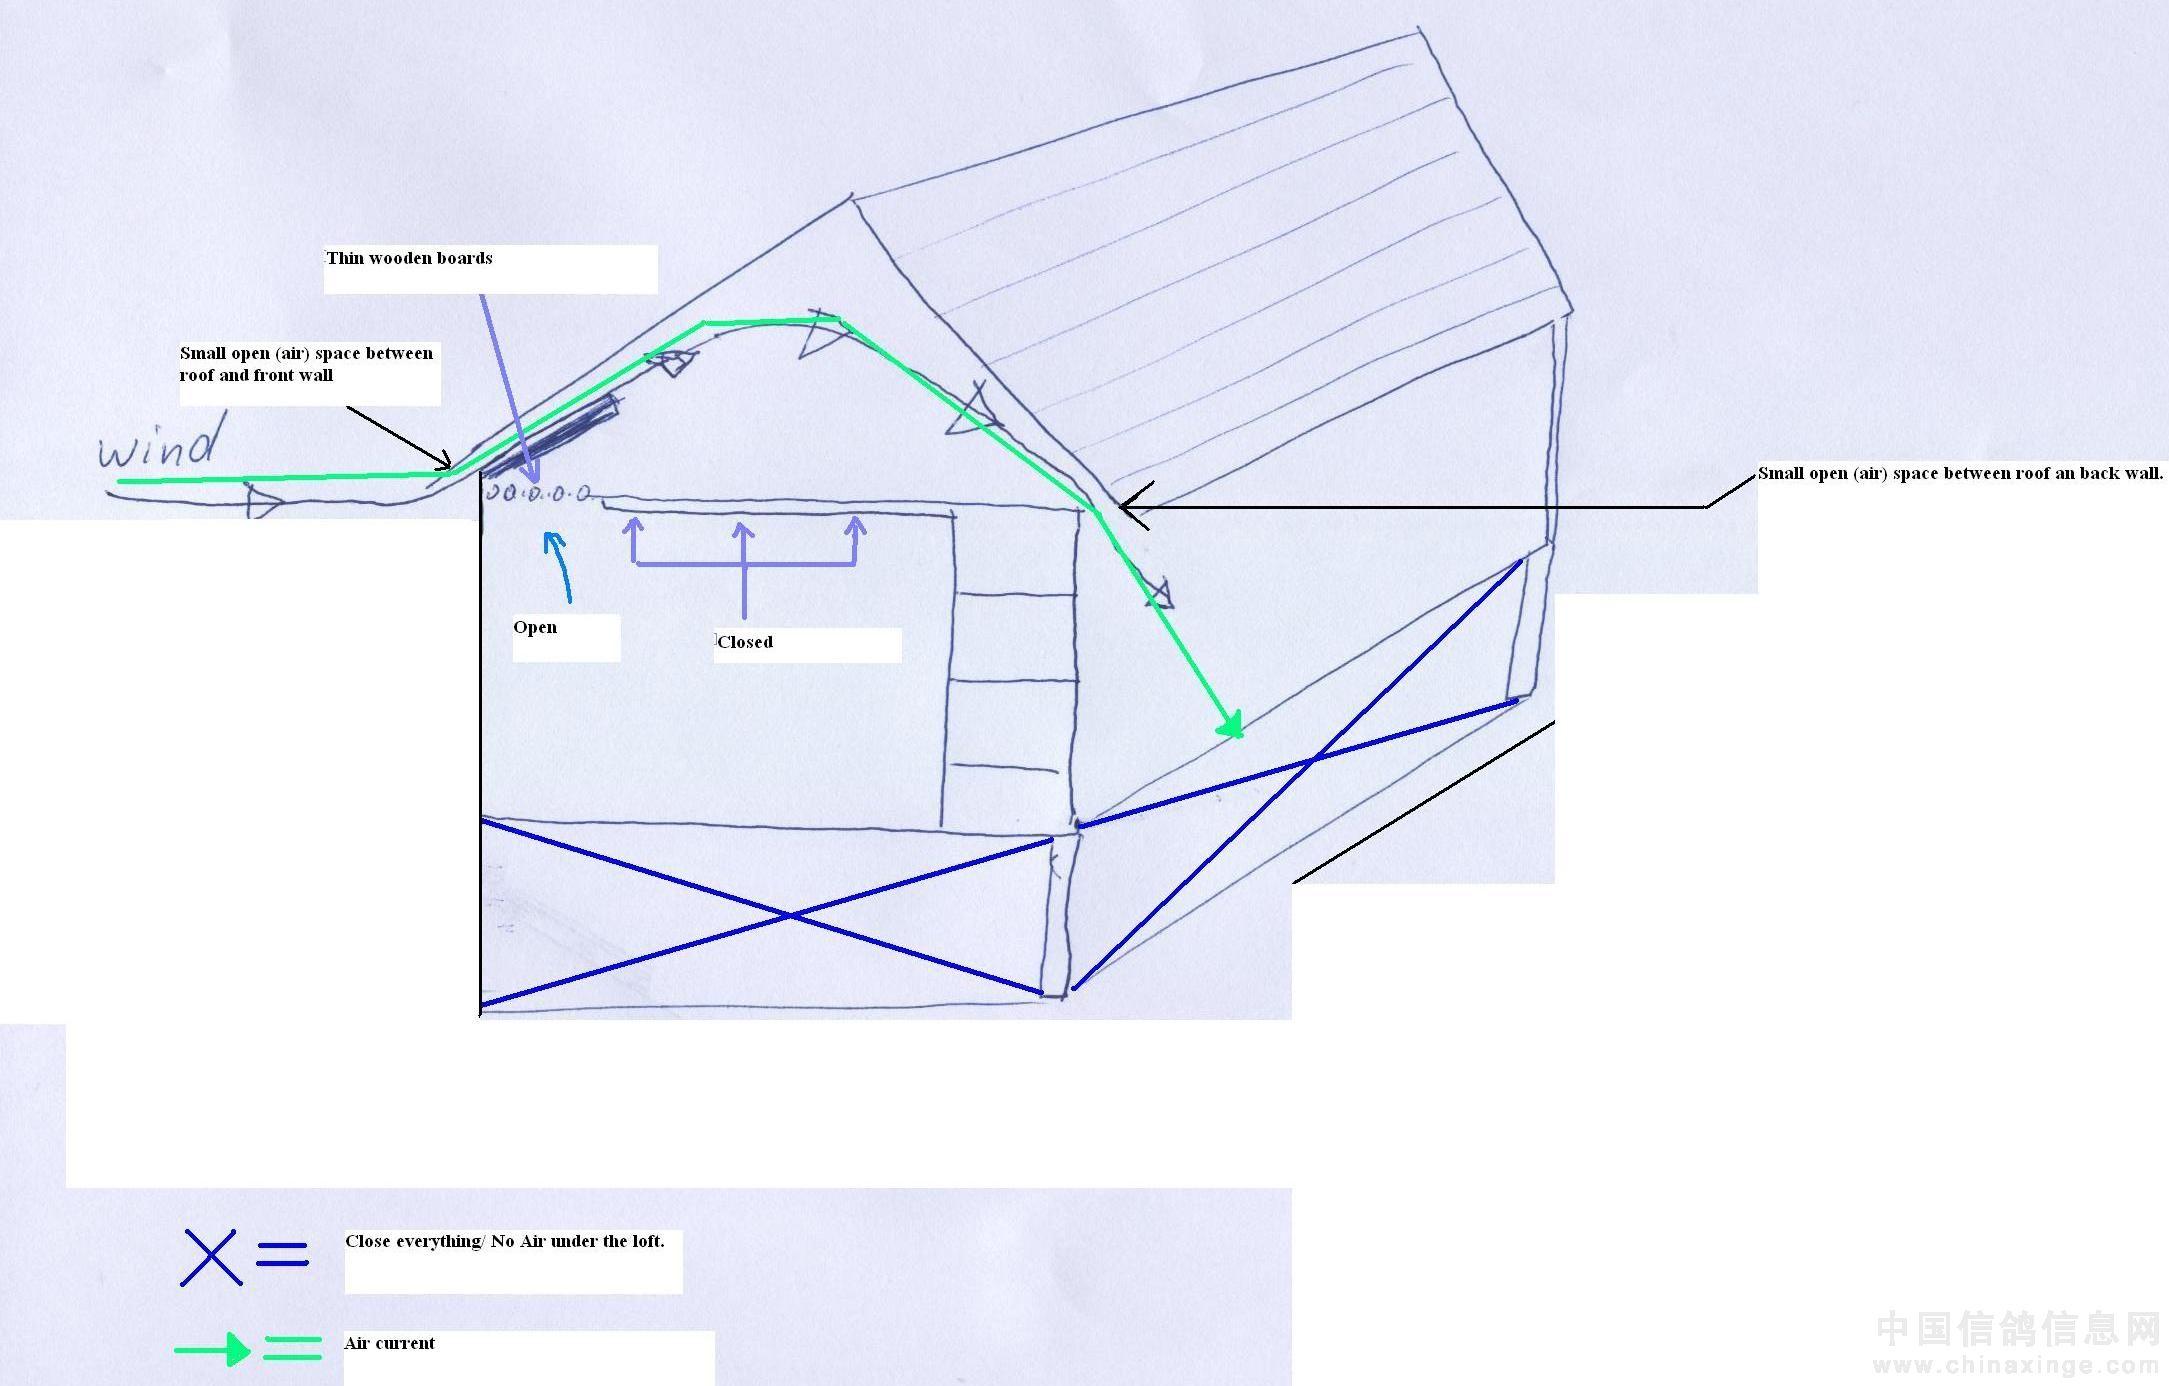 小型鸽舍设计平面图